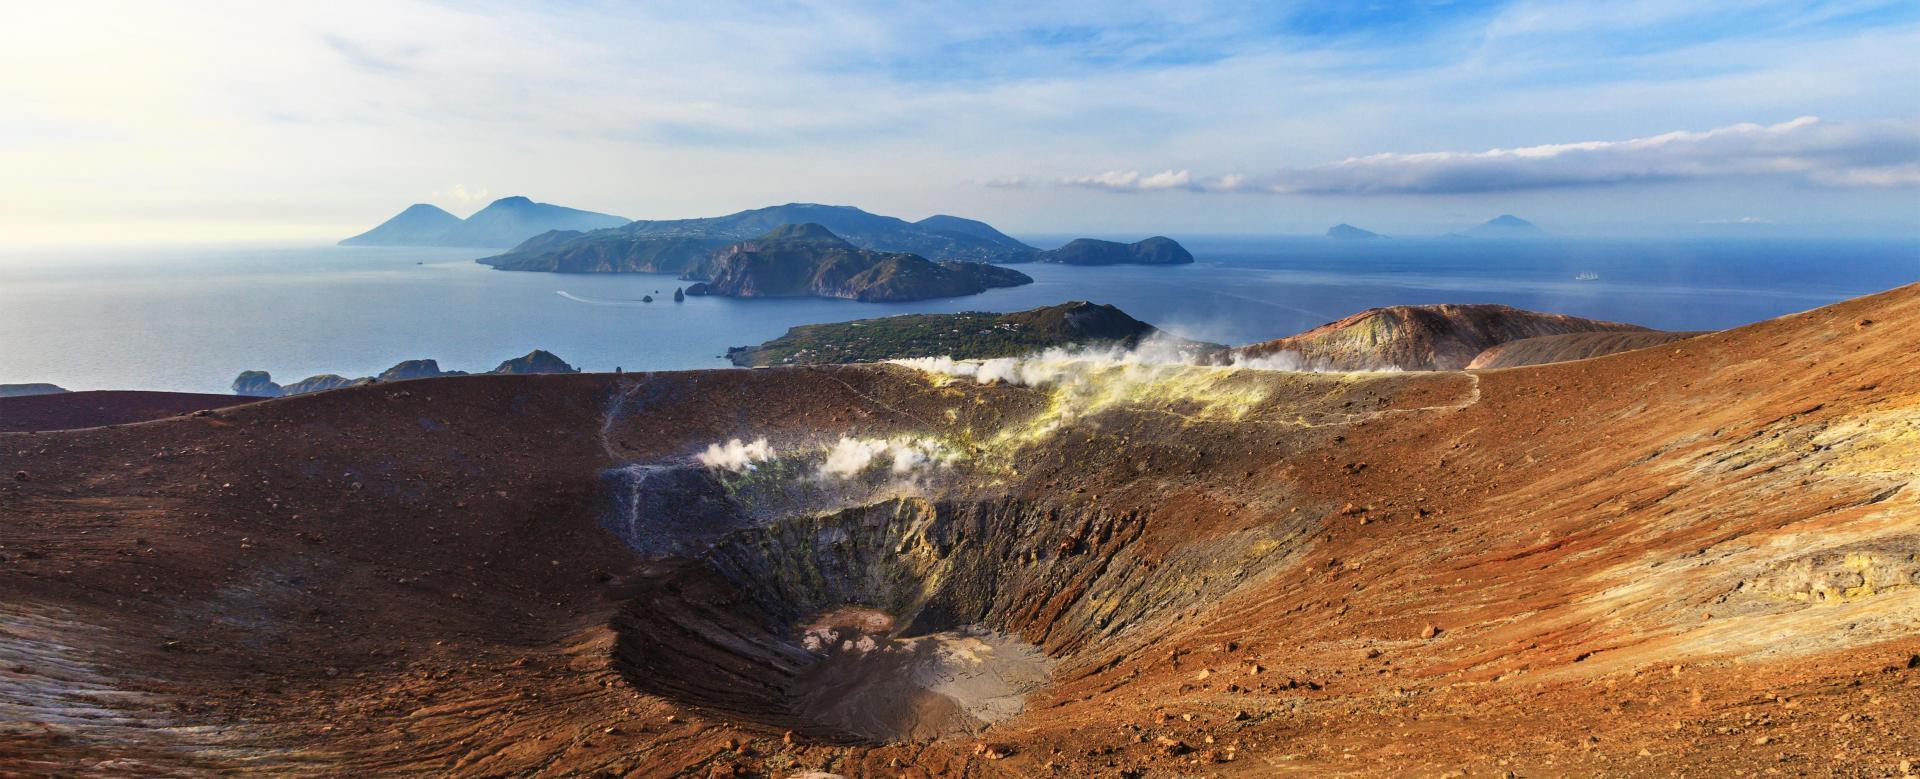 Voyage à pied : Les îles Éoliennes :  volcaniques eoliennes et etna